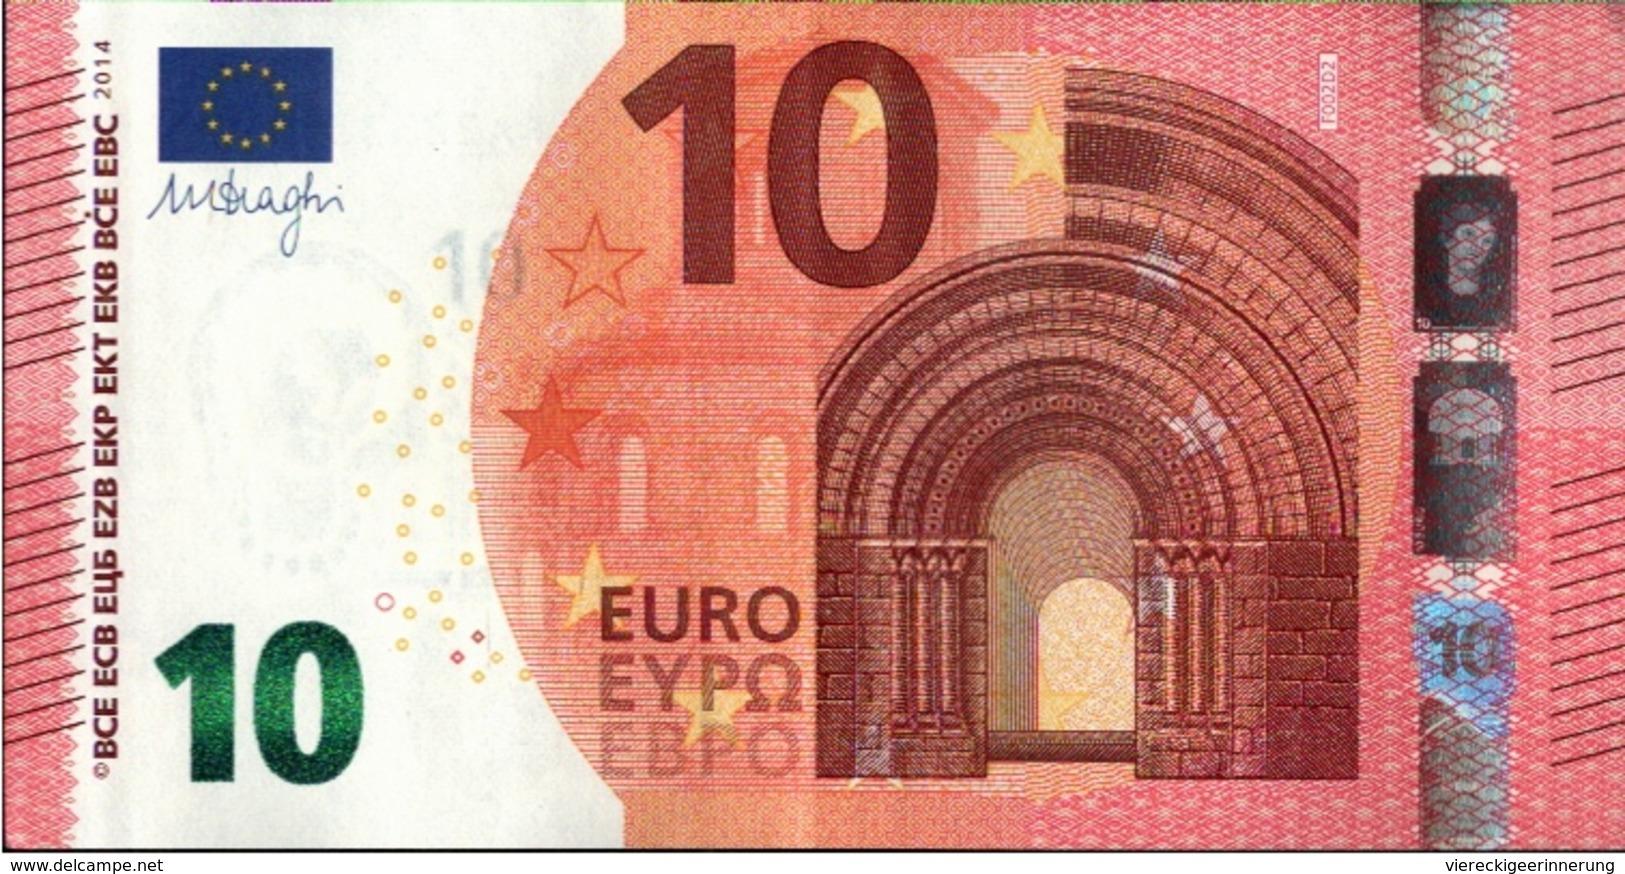 ! 10 Euro F002D2, FA2233311975, Money, Geldschein, Currency, Banknote, Billet Mario Draghi, EZB, Europäische Zentralbank - 10 Euro